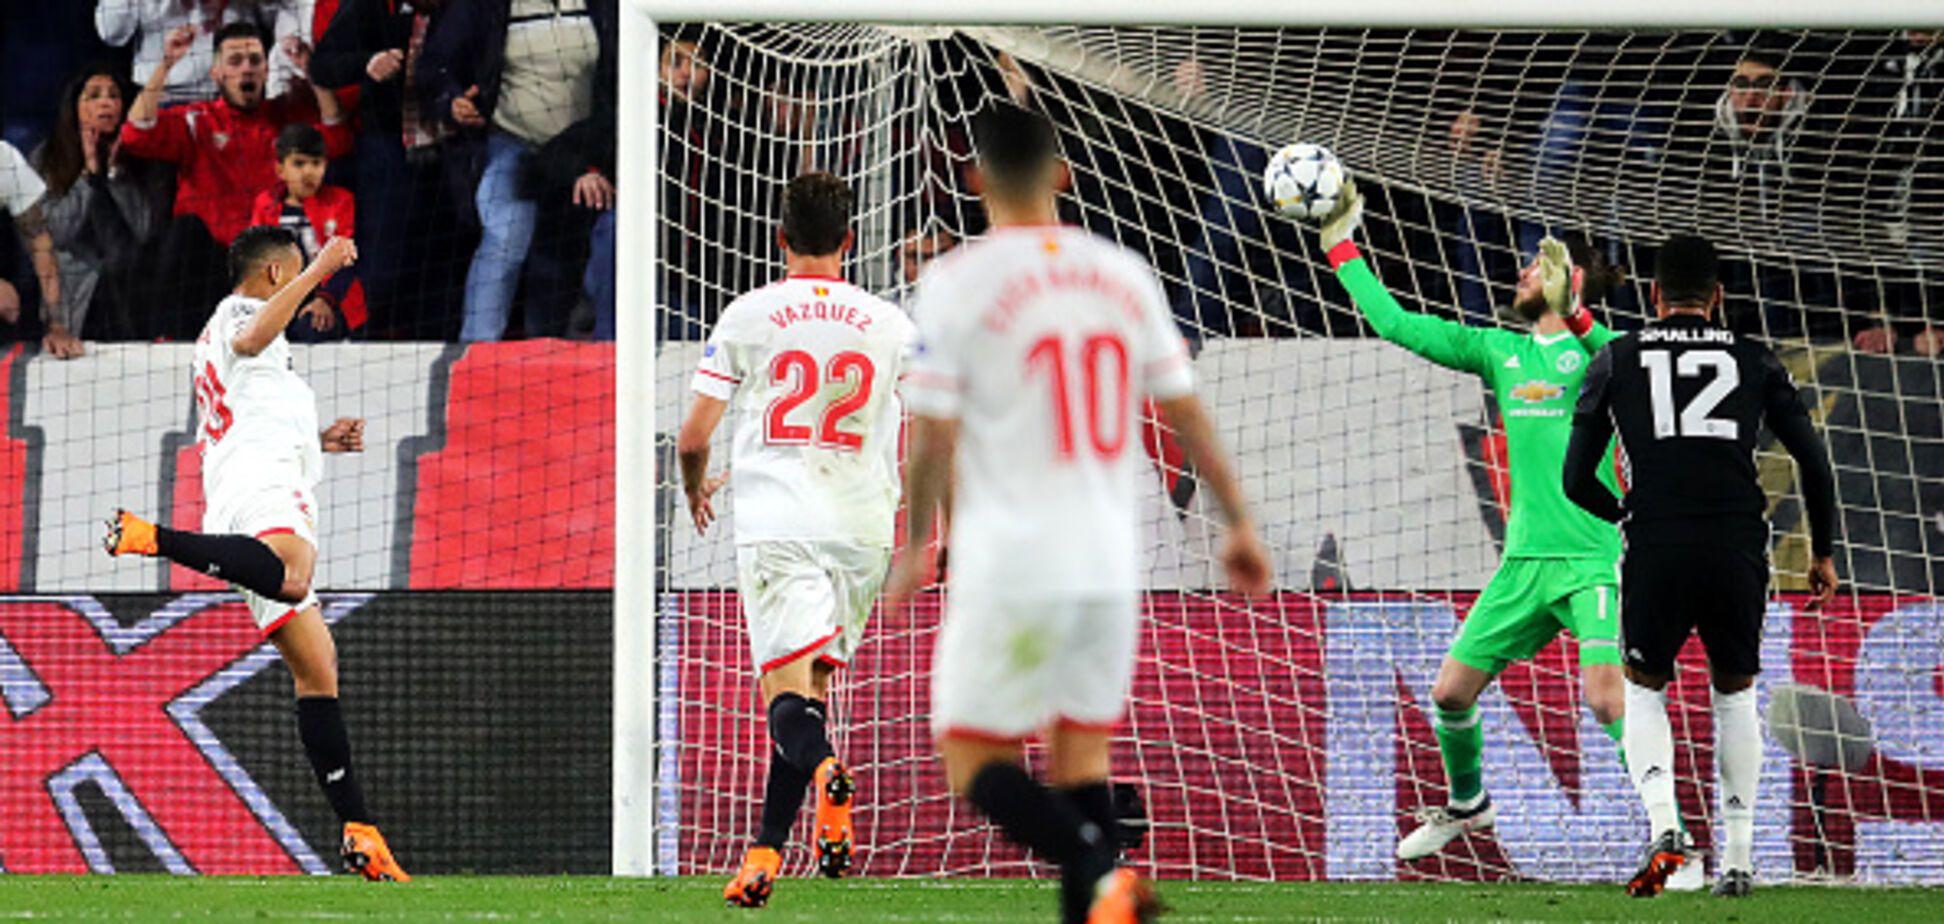 Воротар 'Манчестер Юнайтед' зробив в матчі Ліги чемпіонів божевільний сейв, що позбавляє дару мови: відеофакт